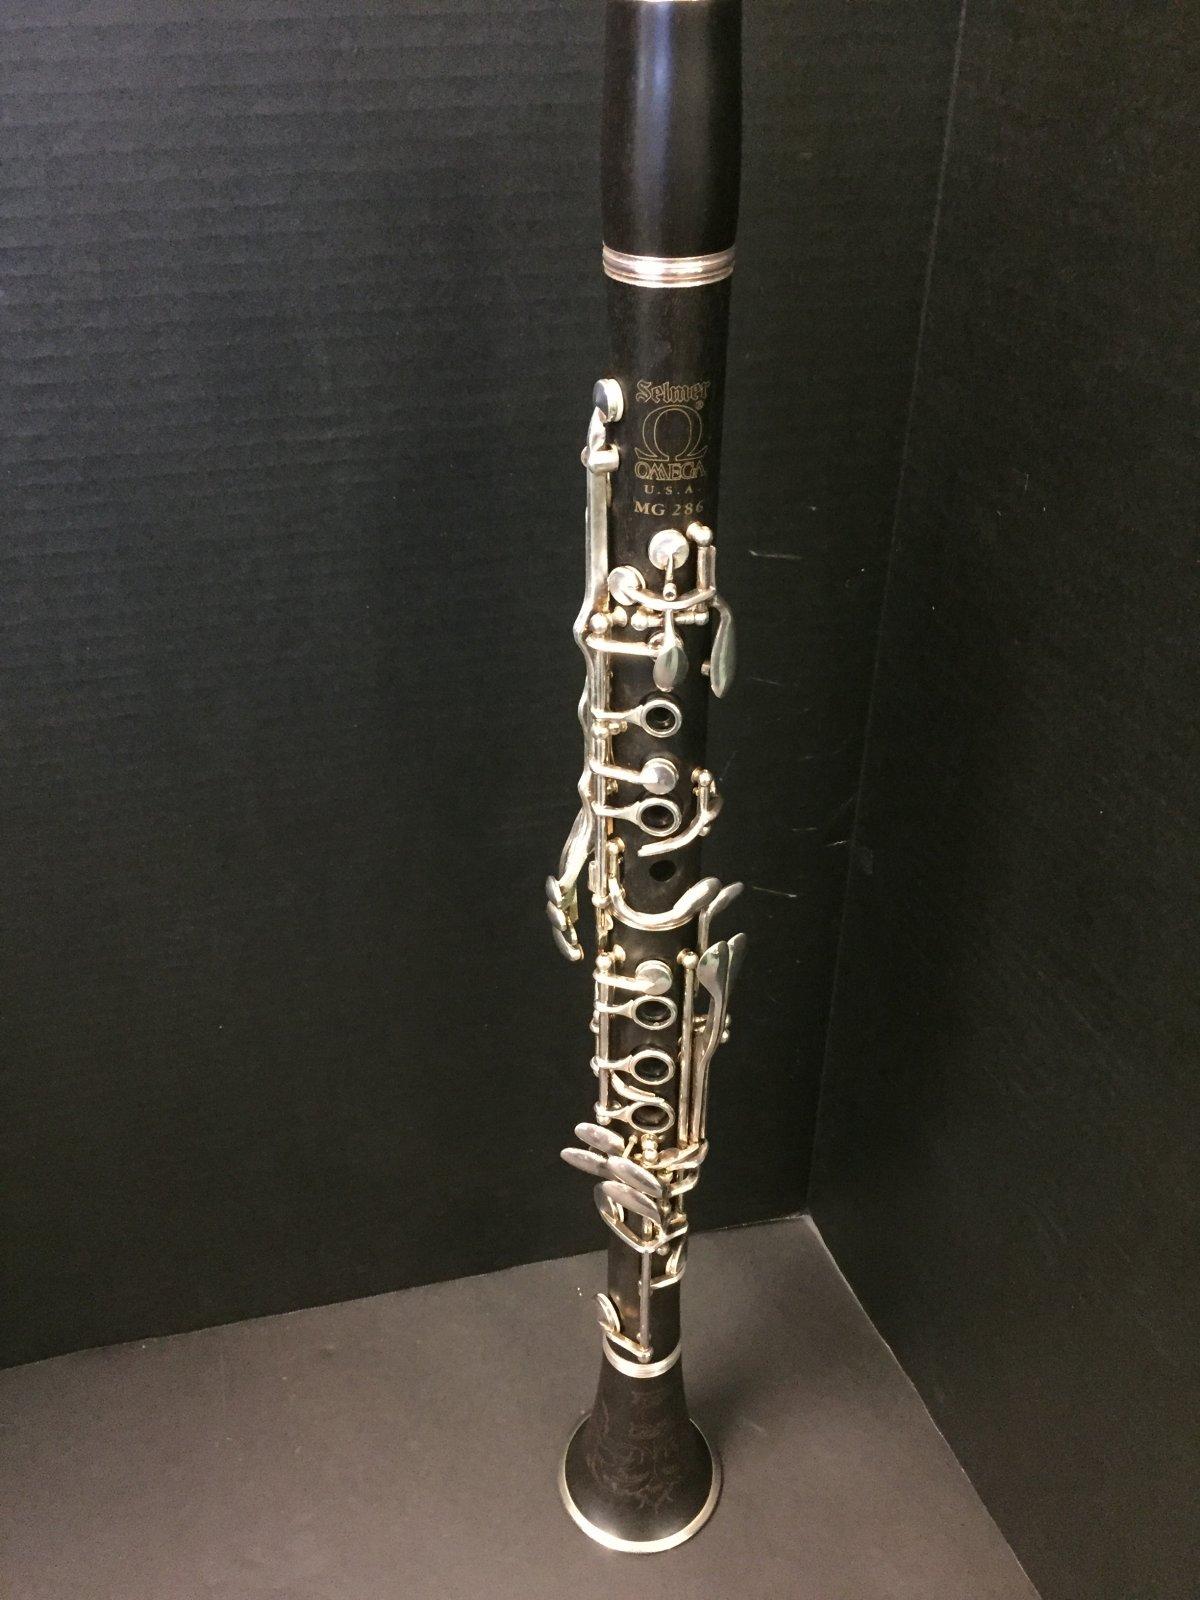 Selmer Omega MG 286 Clarinet Demo